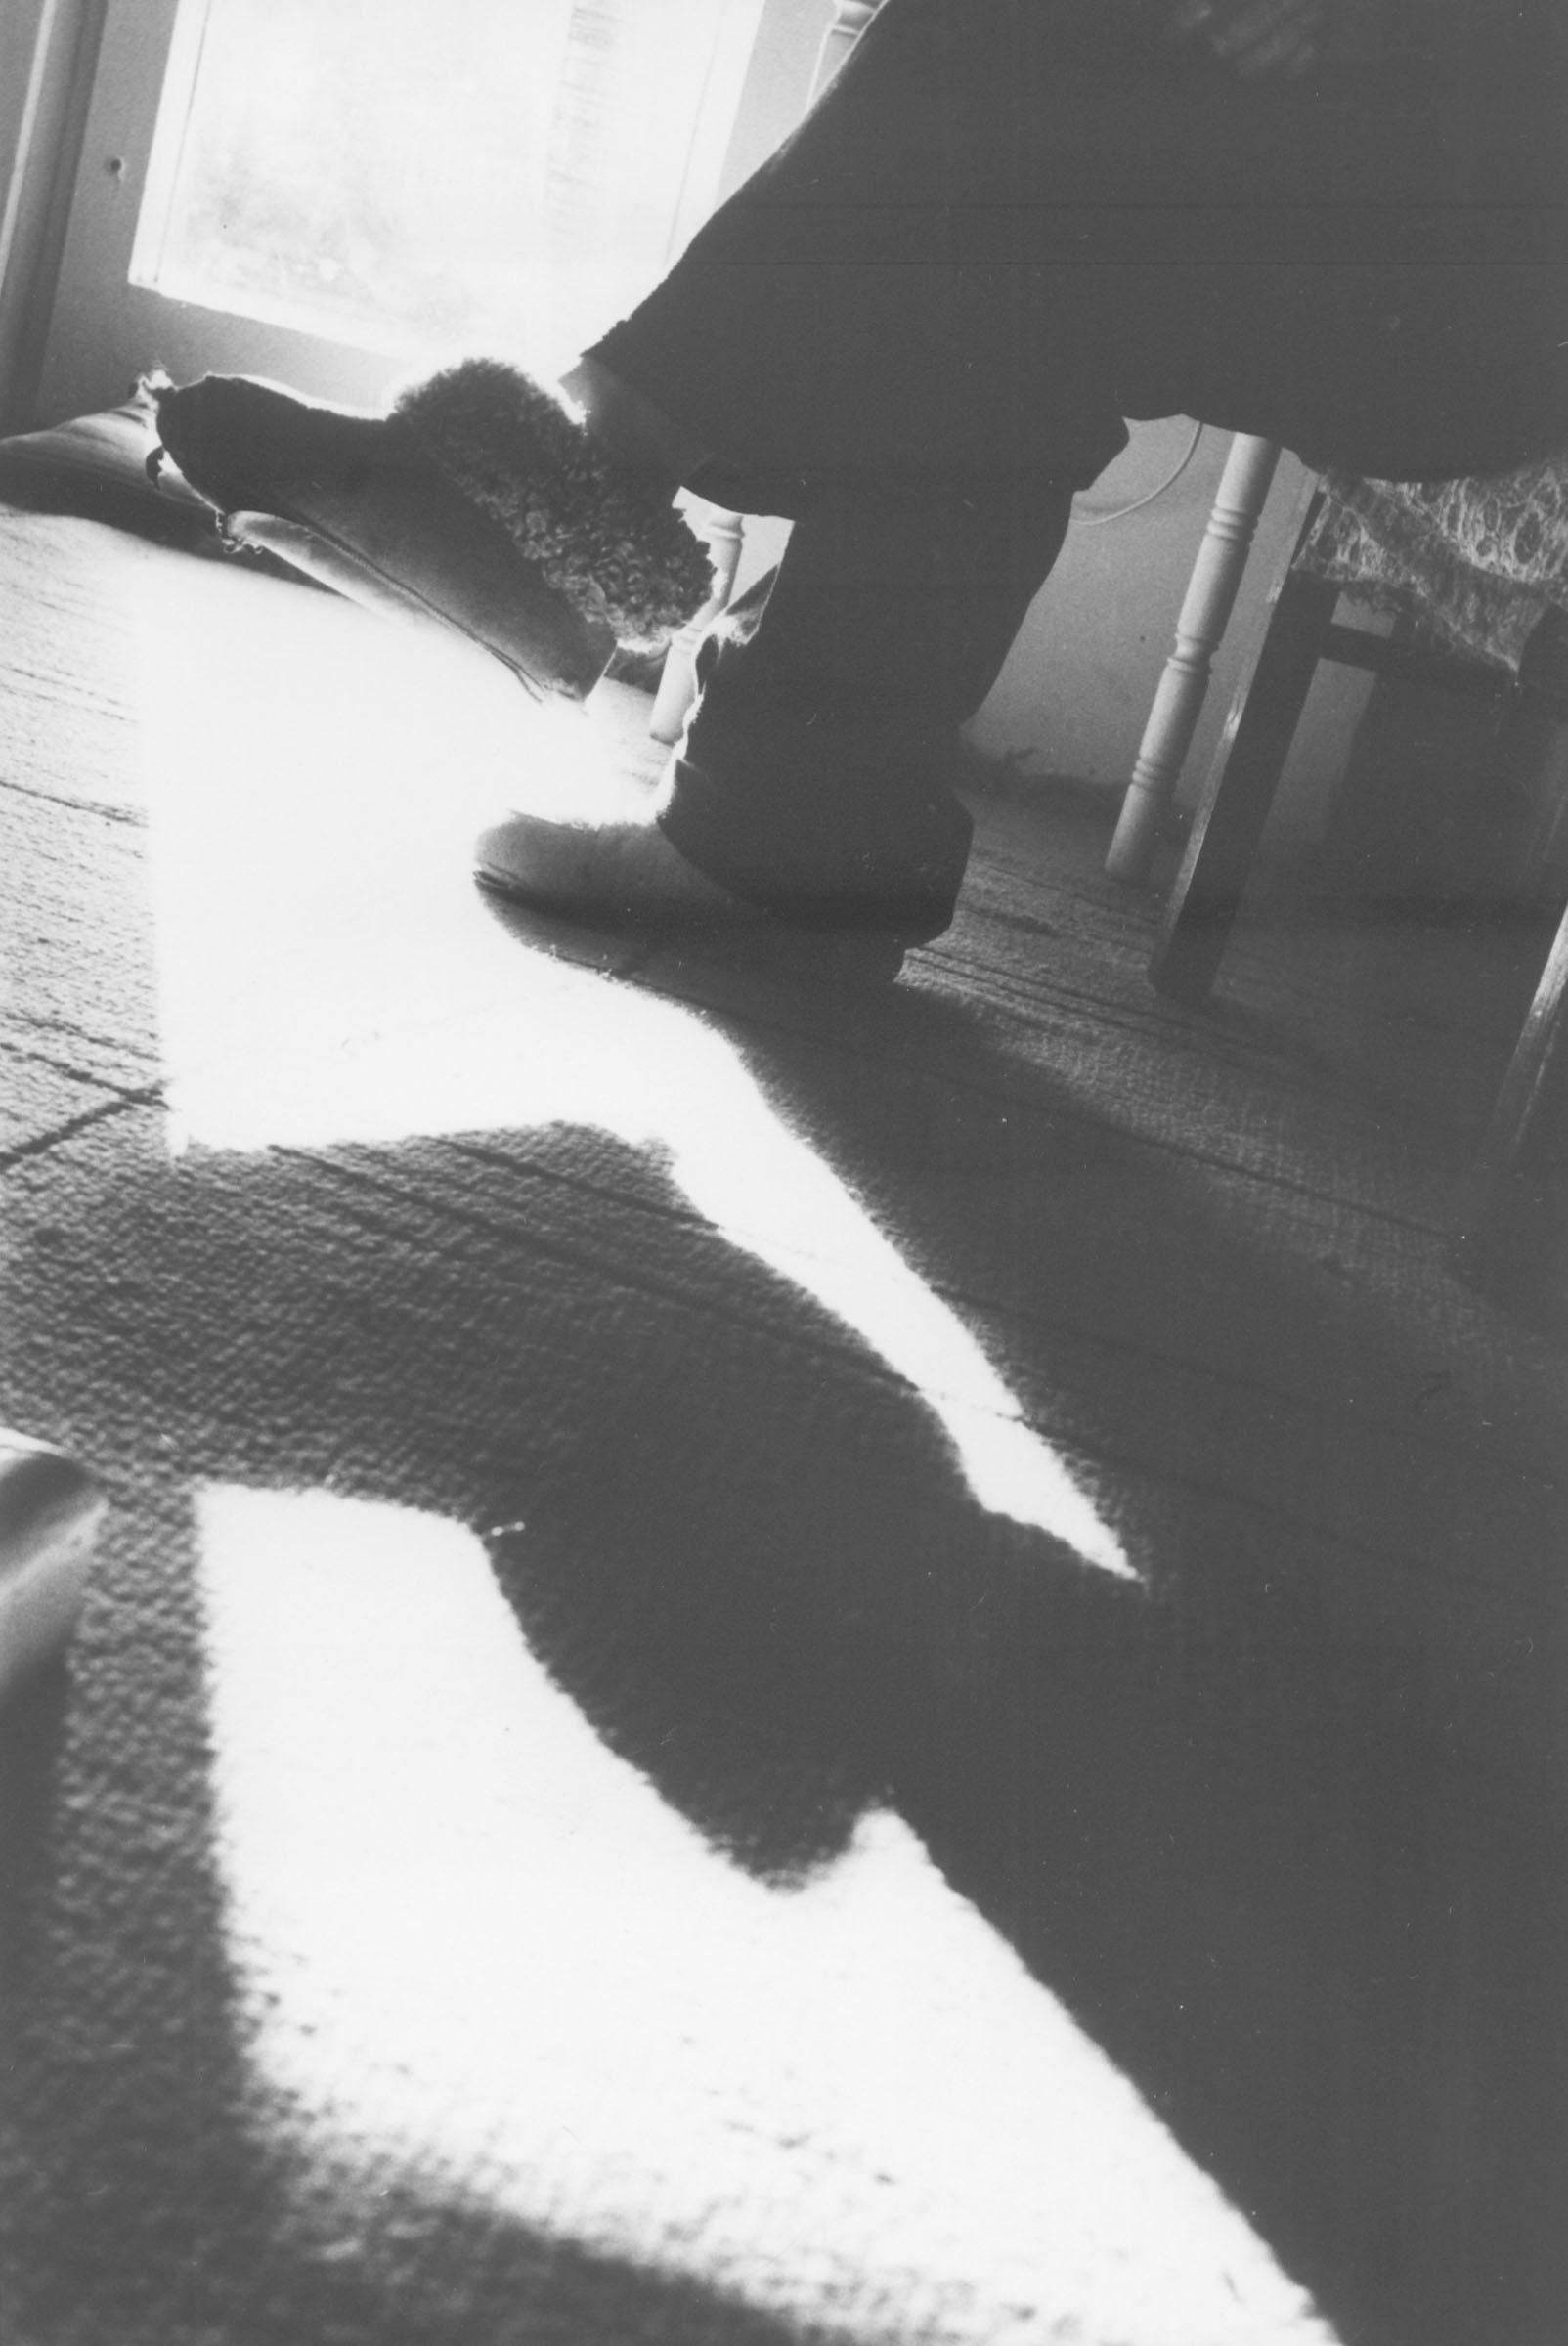 2004.09.18. Hétköznapok fotópályázat - Iván Ádám - Délután.jpg